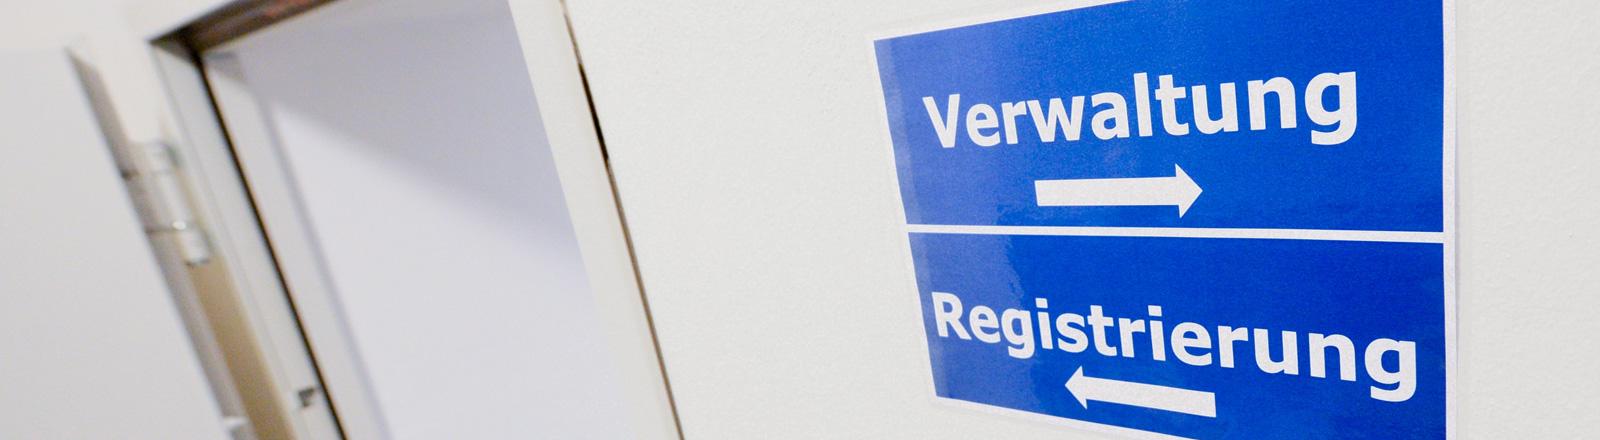 An einer weißen Wand hängt ein blaues Schild auf dem stehen die Worte Verwaltung und Registrierung. Pfeile darunter weisen nach links beziehungsweise nach rechts; Bild: dpa